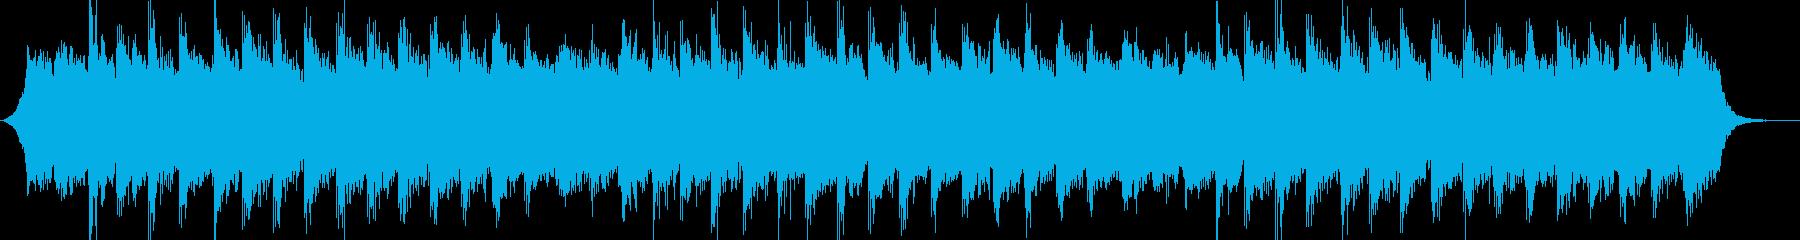 冷たく浮遊感のあるアンビエントの再生済みの波形